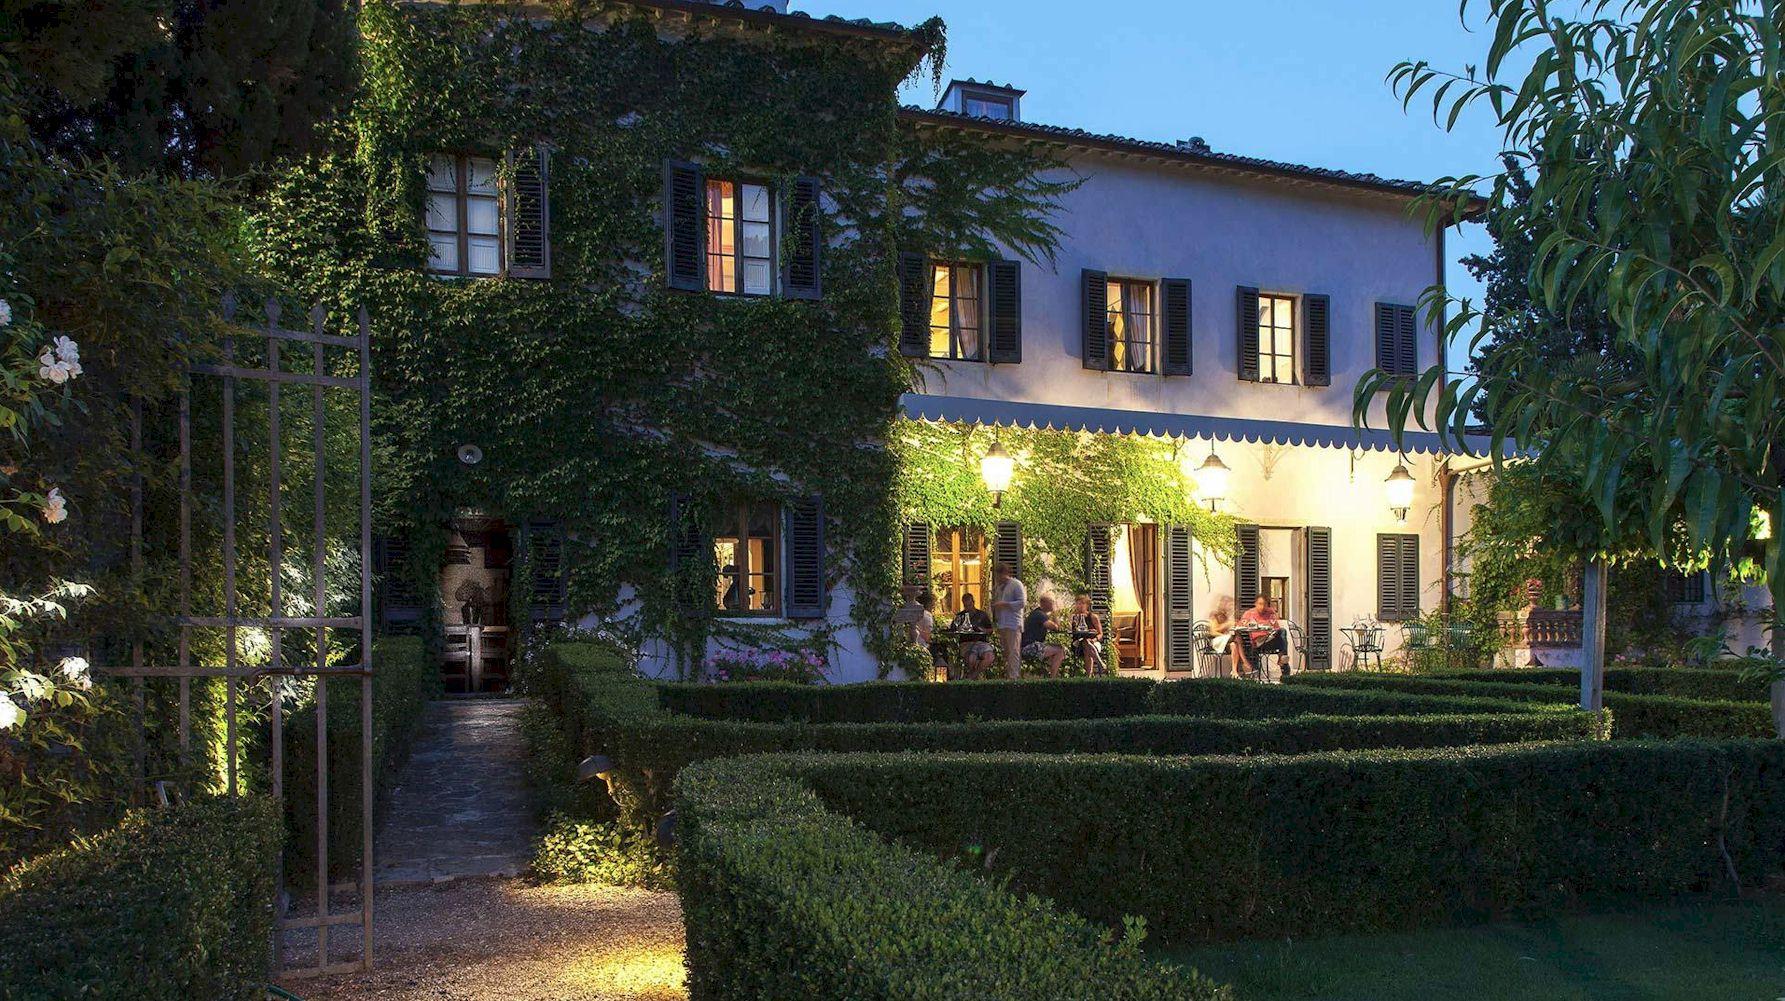 Villa Bordoni verandah by night